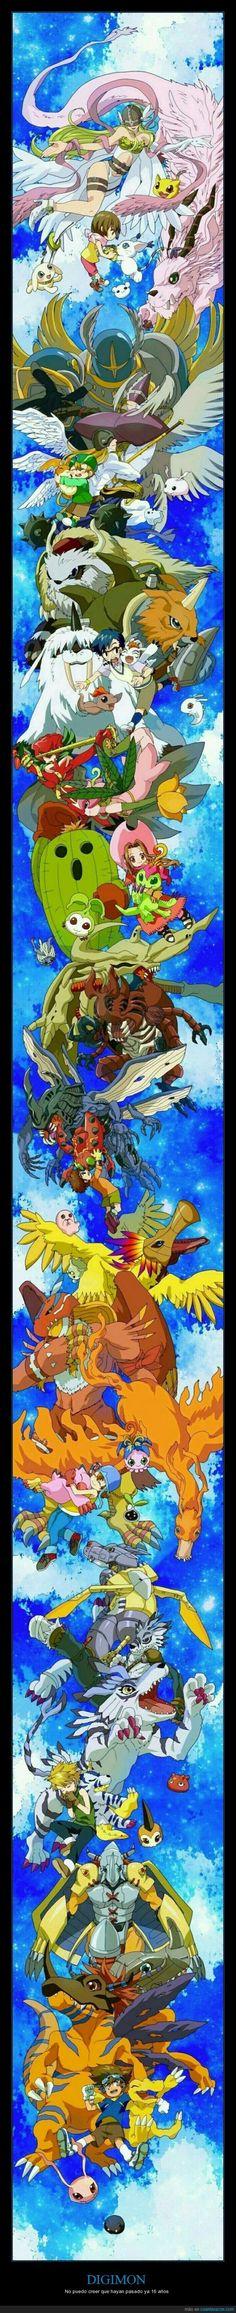 Si Digimon tiene ya 16 años... eso significa que me estoy haciendo muy mayor - No puedo creer que hayan pasado ya 16 años